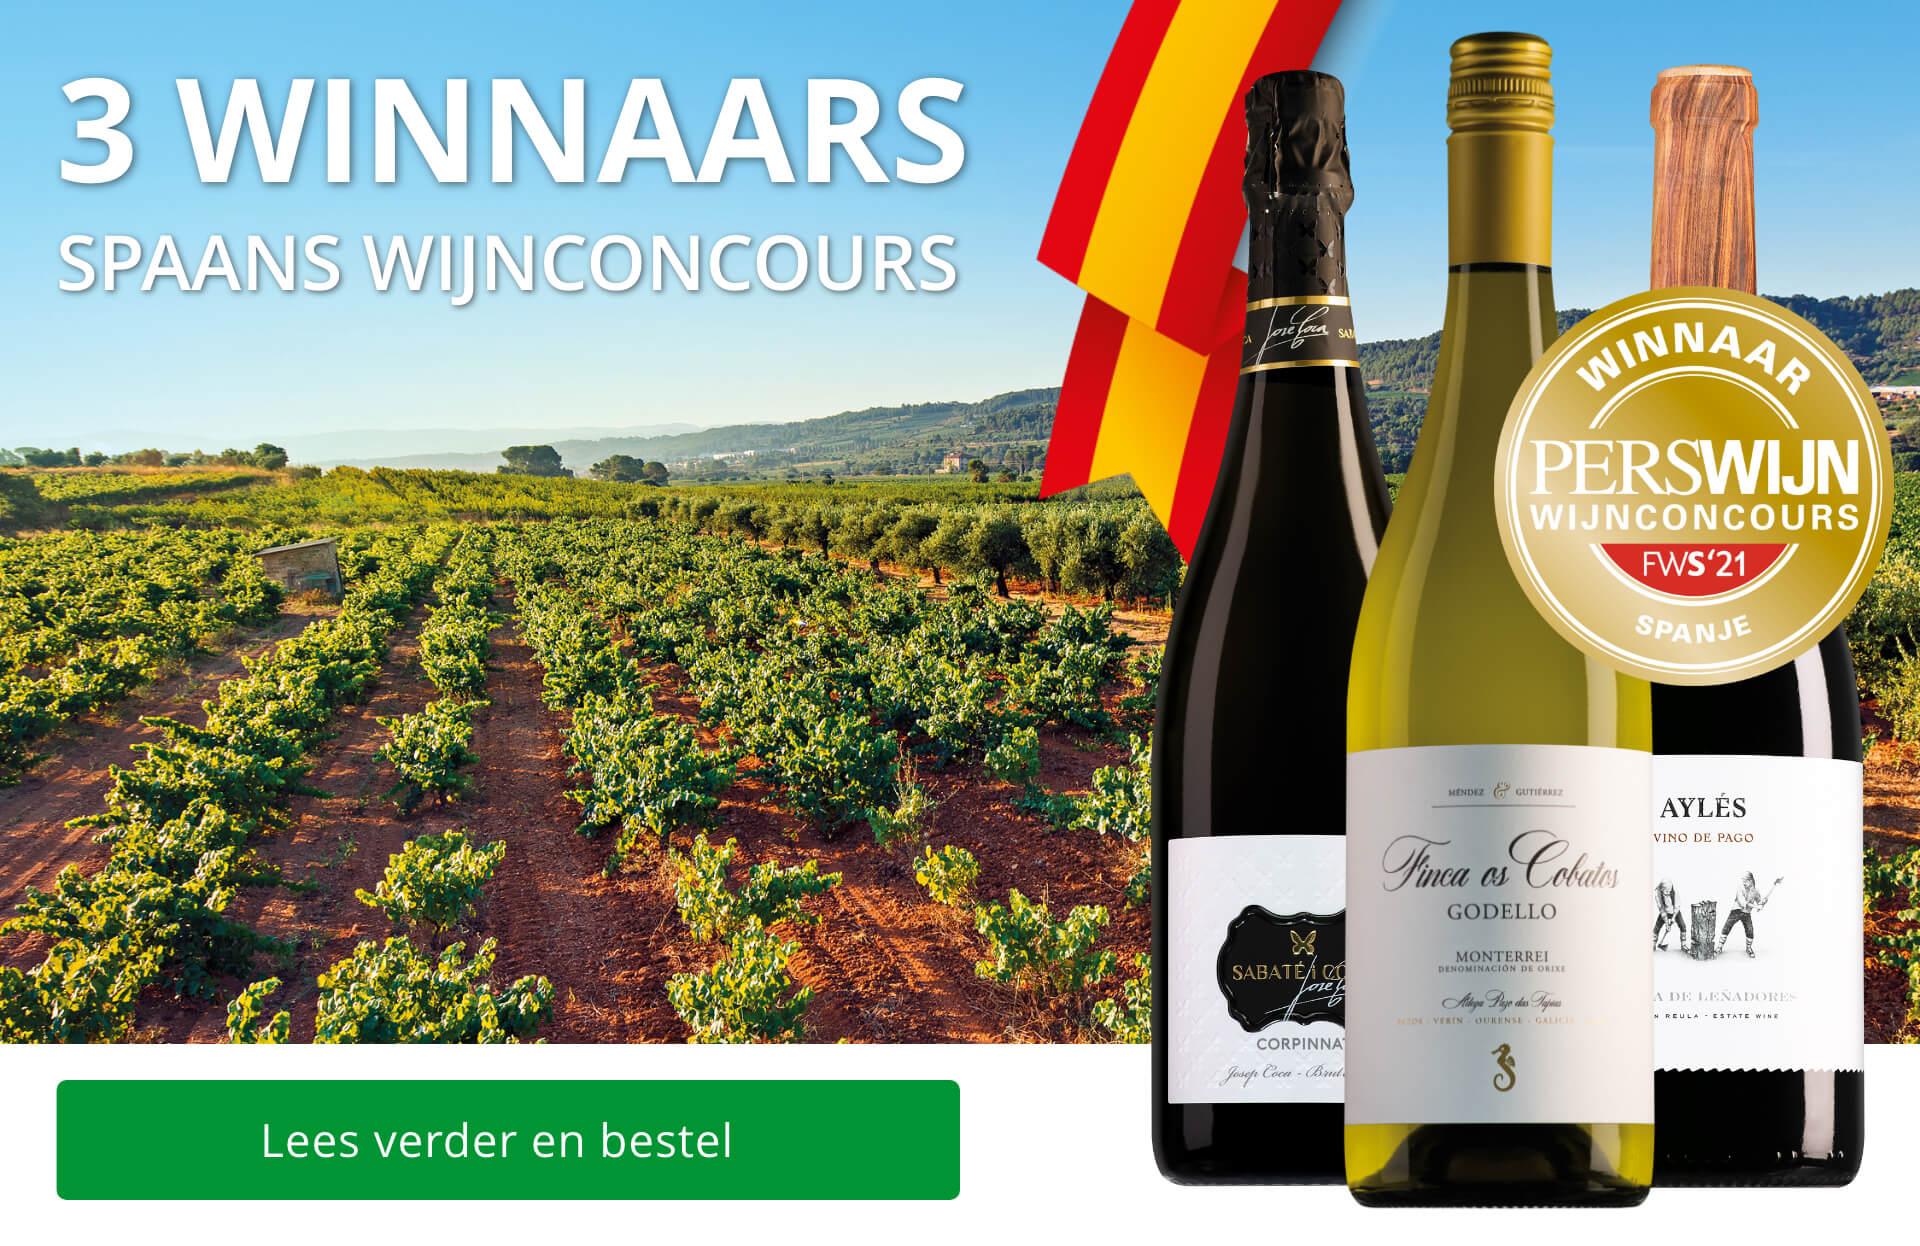 Winnaars Perswijn Wijnconcours Spanje 2021